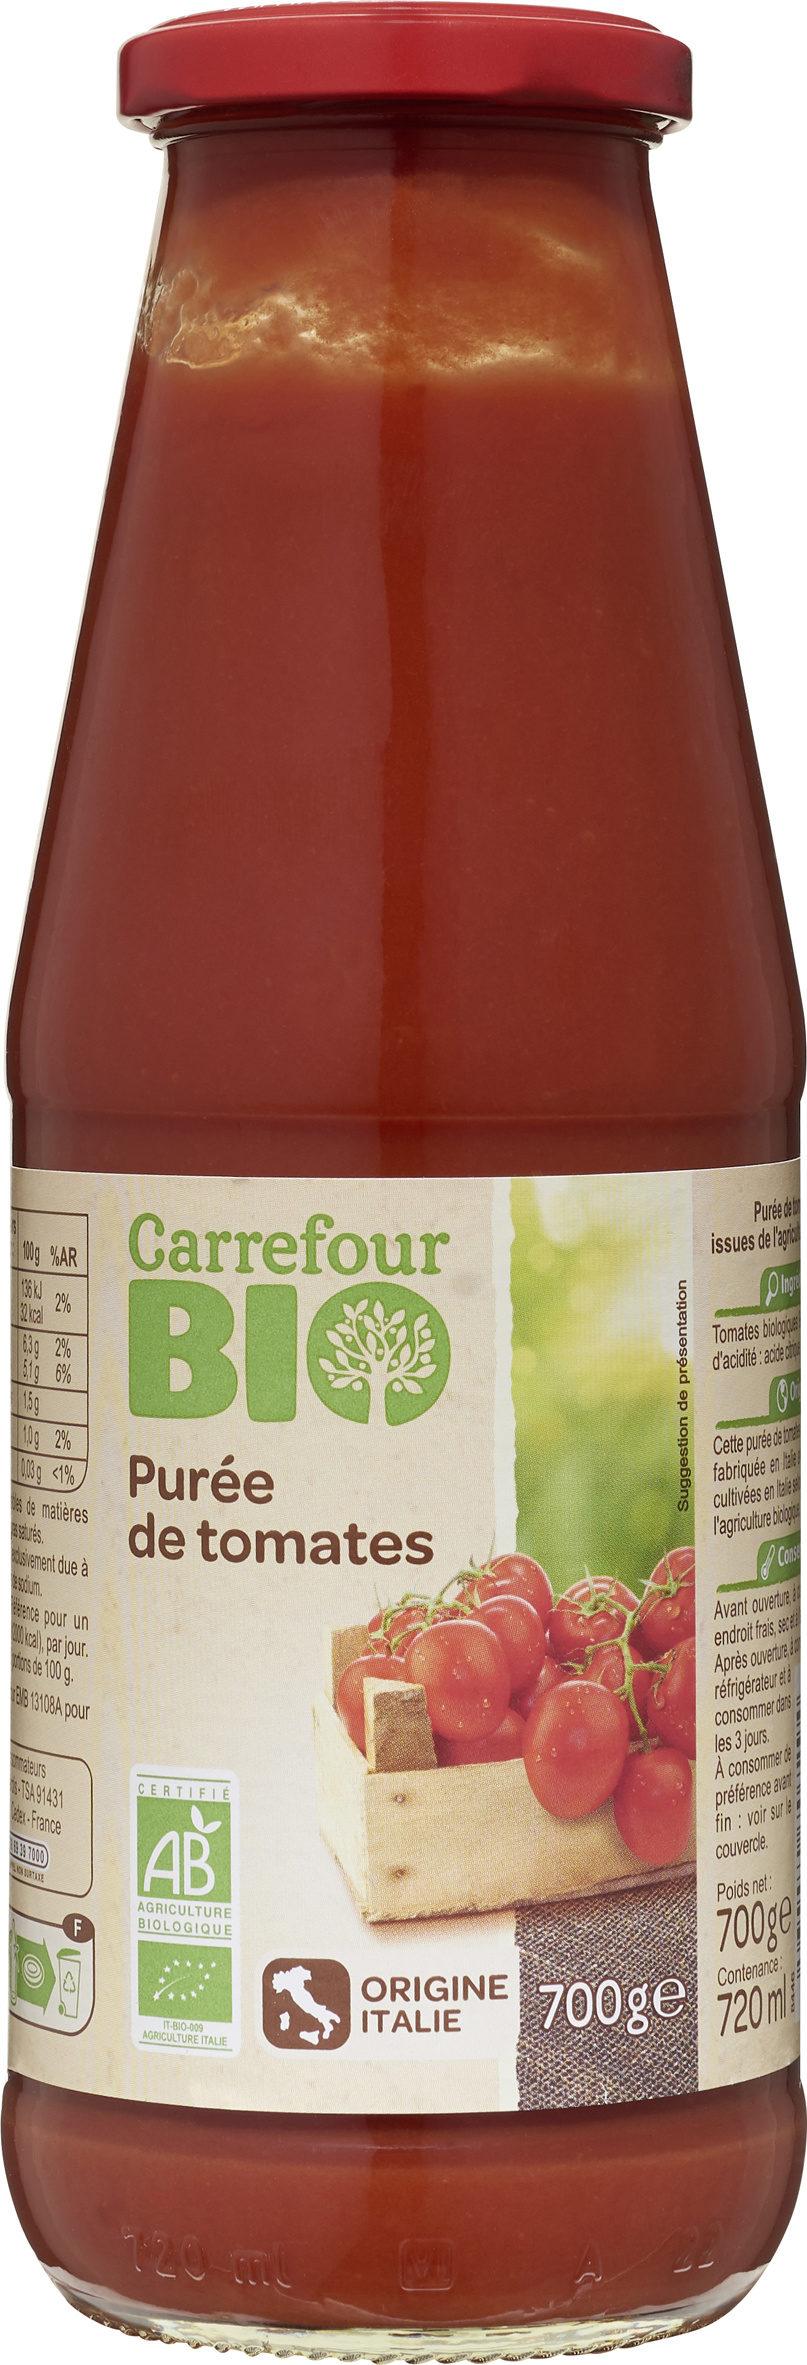 Purée de tomates BIO - Produit